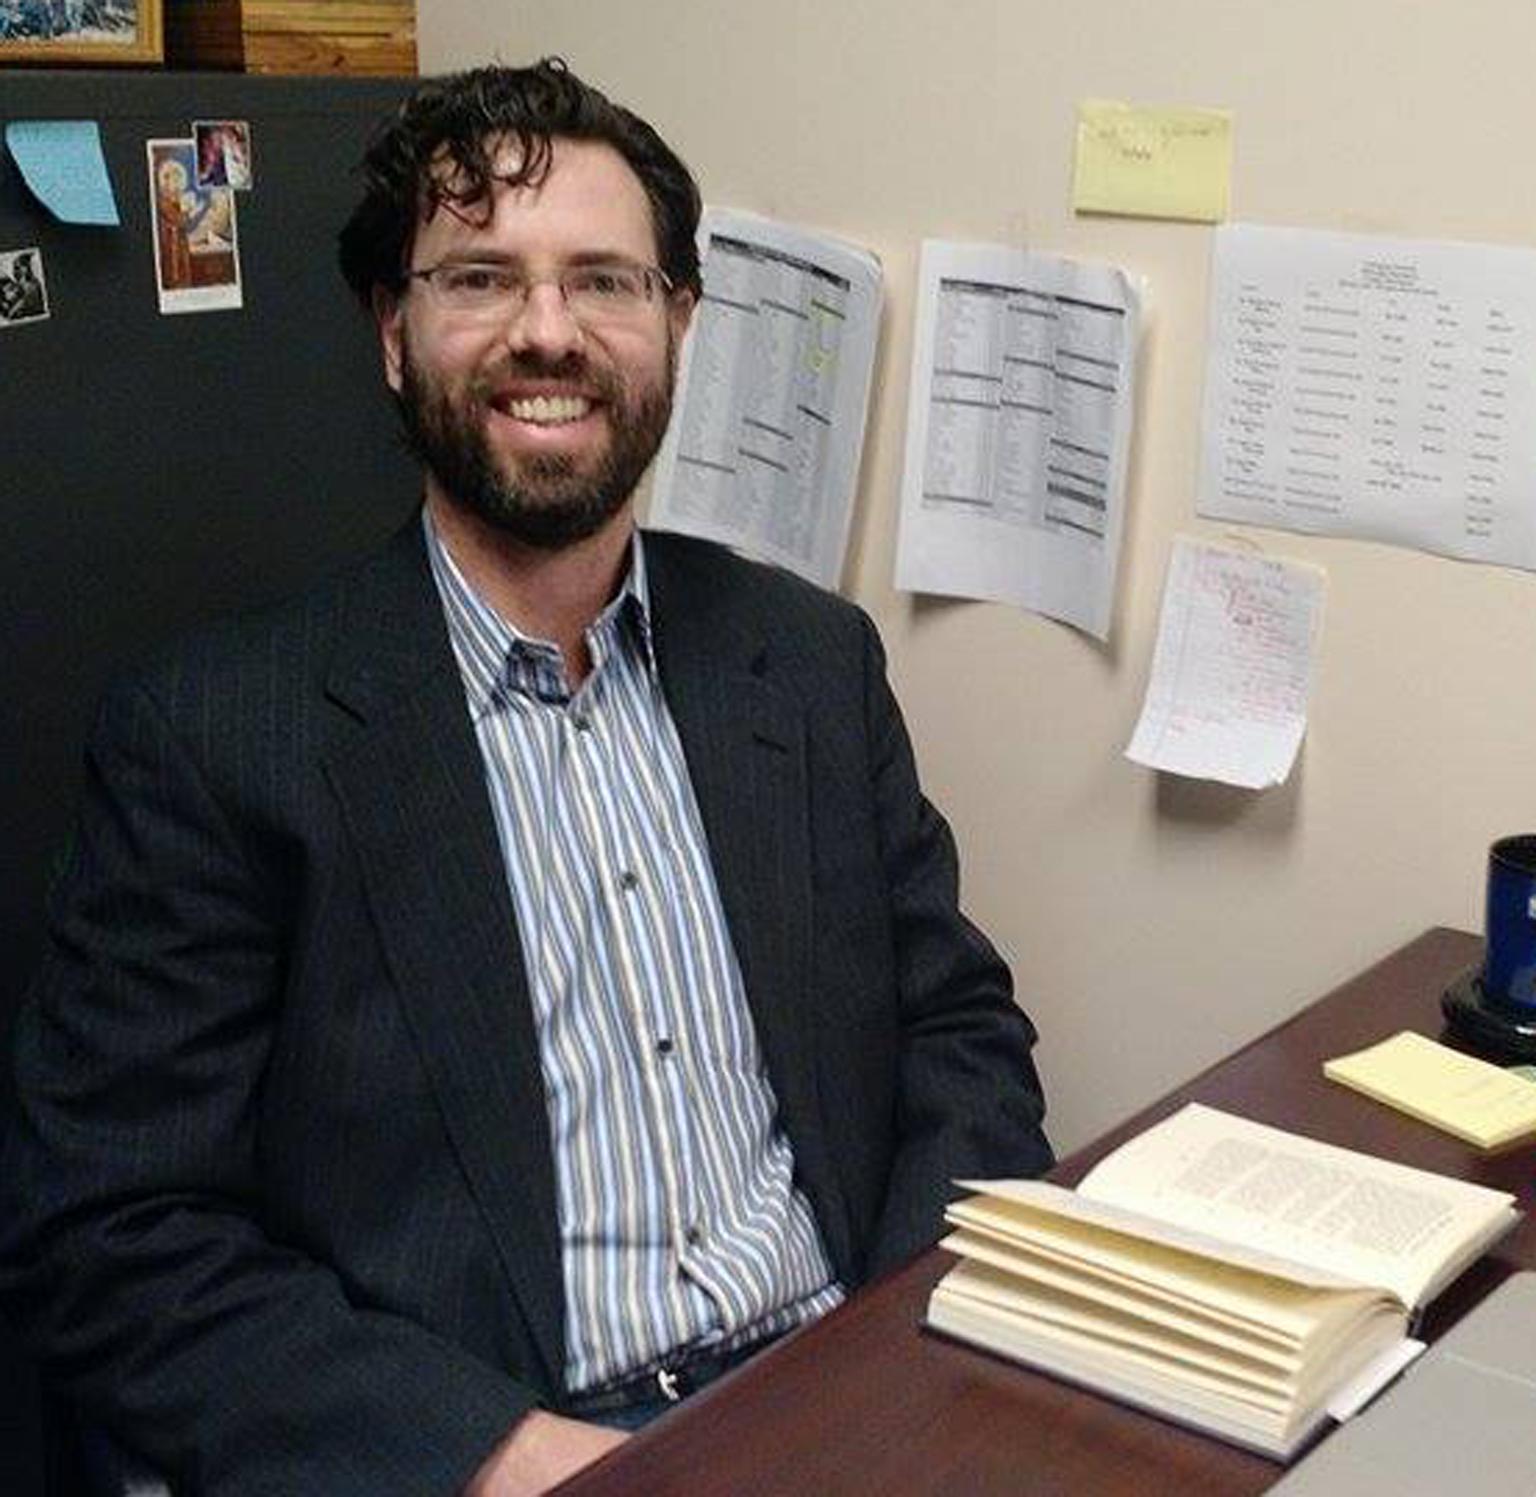 Dr. Alex Plato